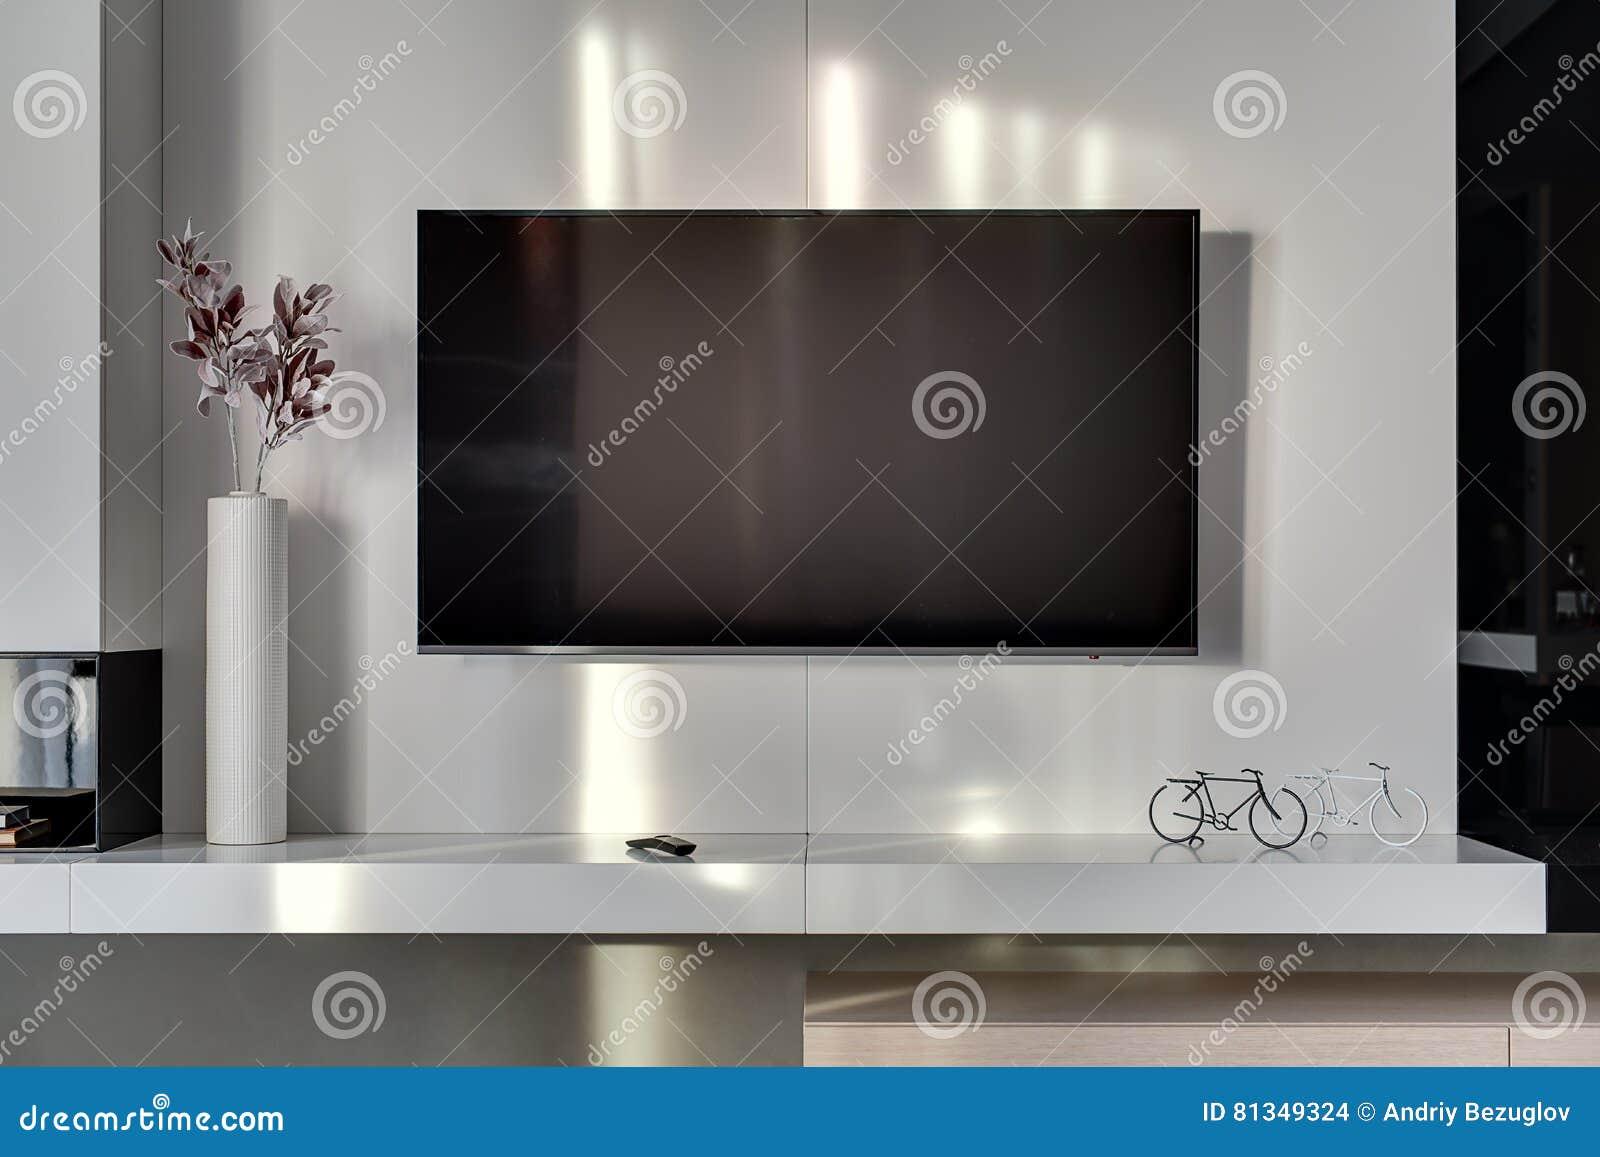 Tv Muur Decoratie.Tv Op De Muur Stock Foto Afbeelding Bestaande Uit Decoratie 81349324